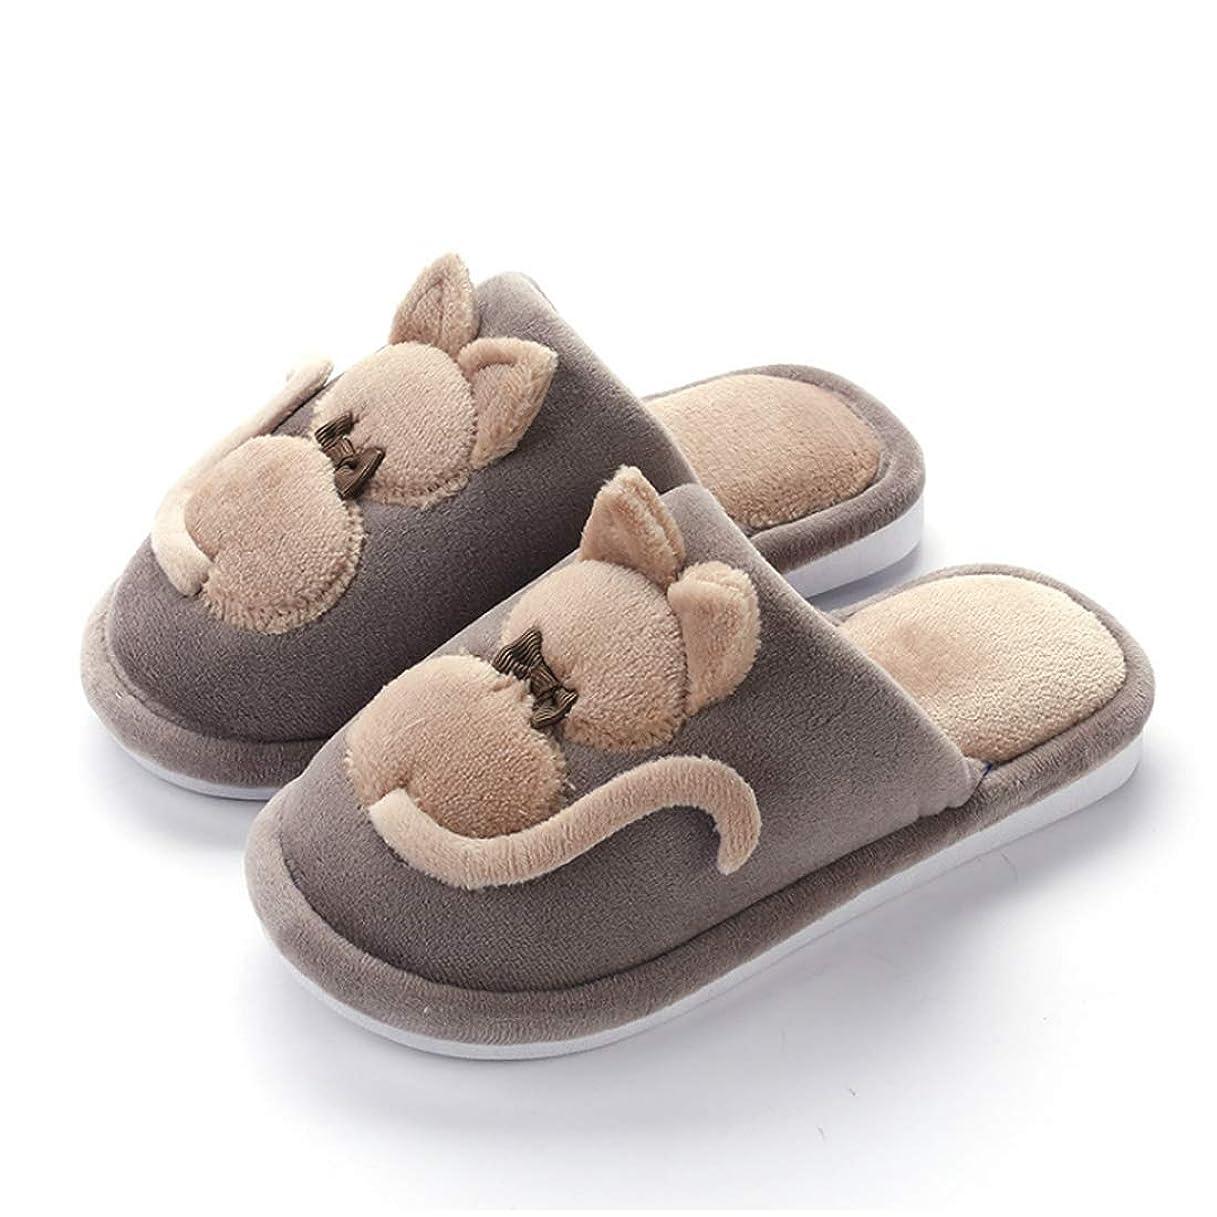 寝室アーサーコナンドイル過ちHuicai かわいい猫のプリント冬暖かい肥厚綿の子供の女性の家屋内のカジュアルスリッパ耐久性のあるソフトなソールノンスリップ子供靴